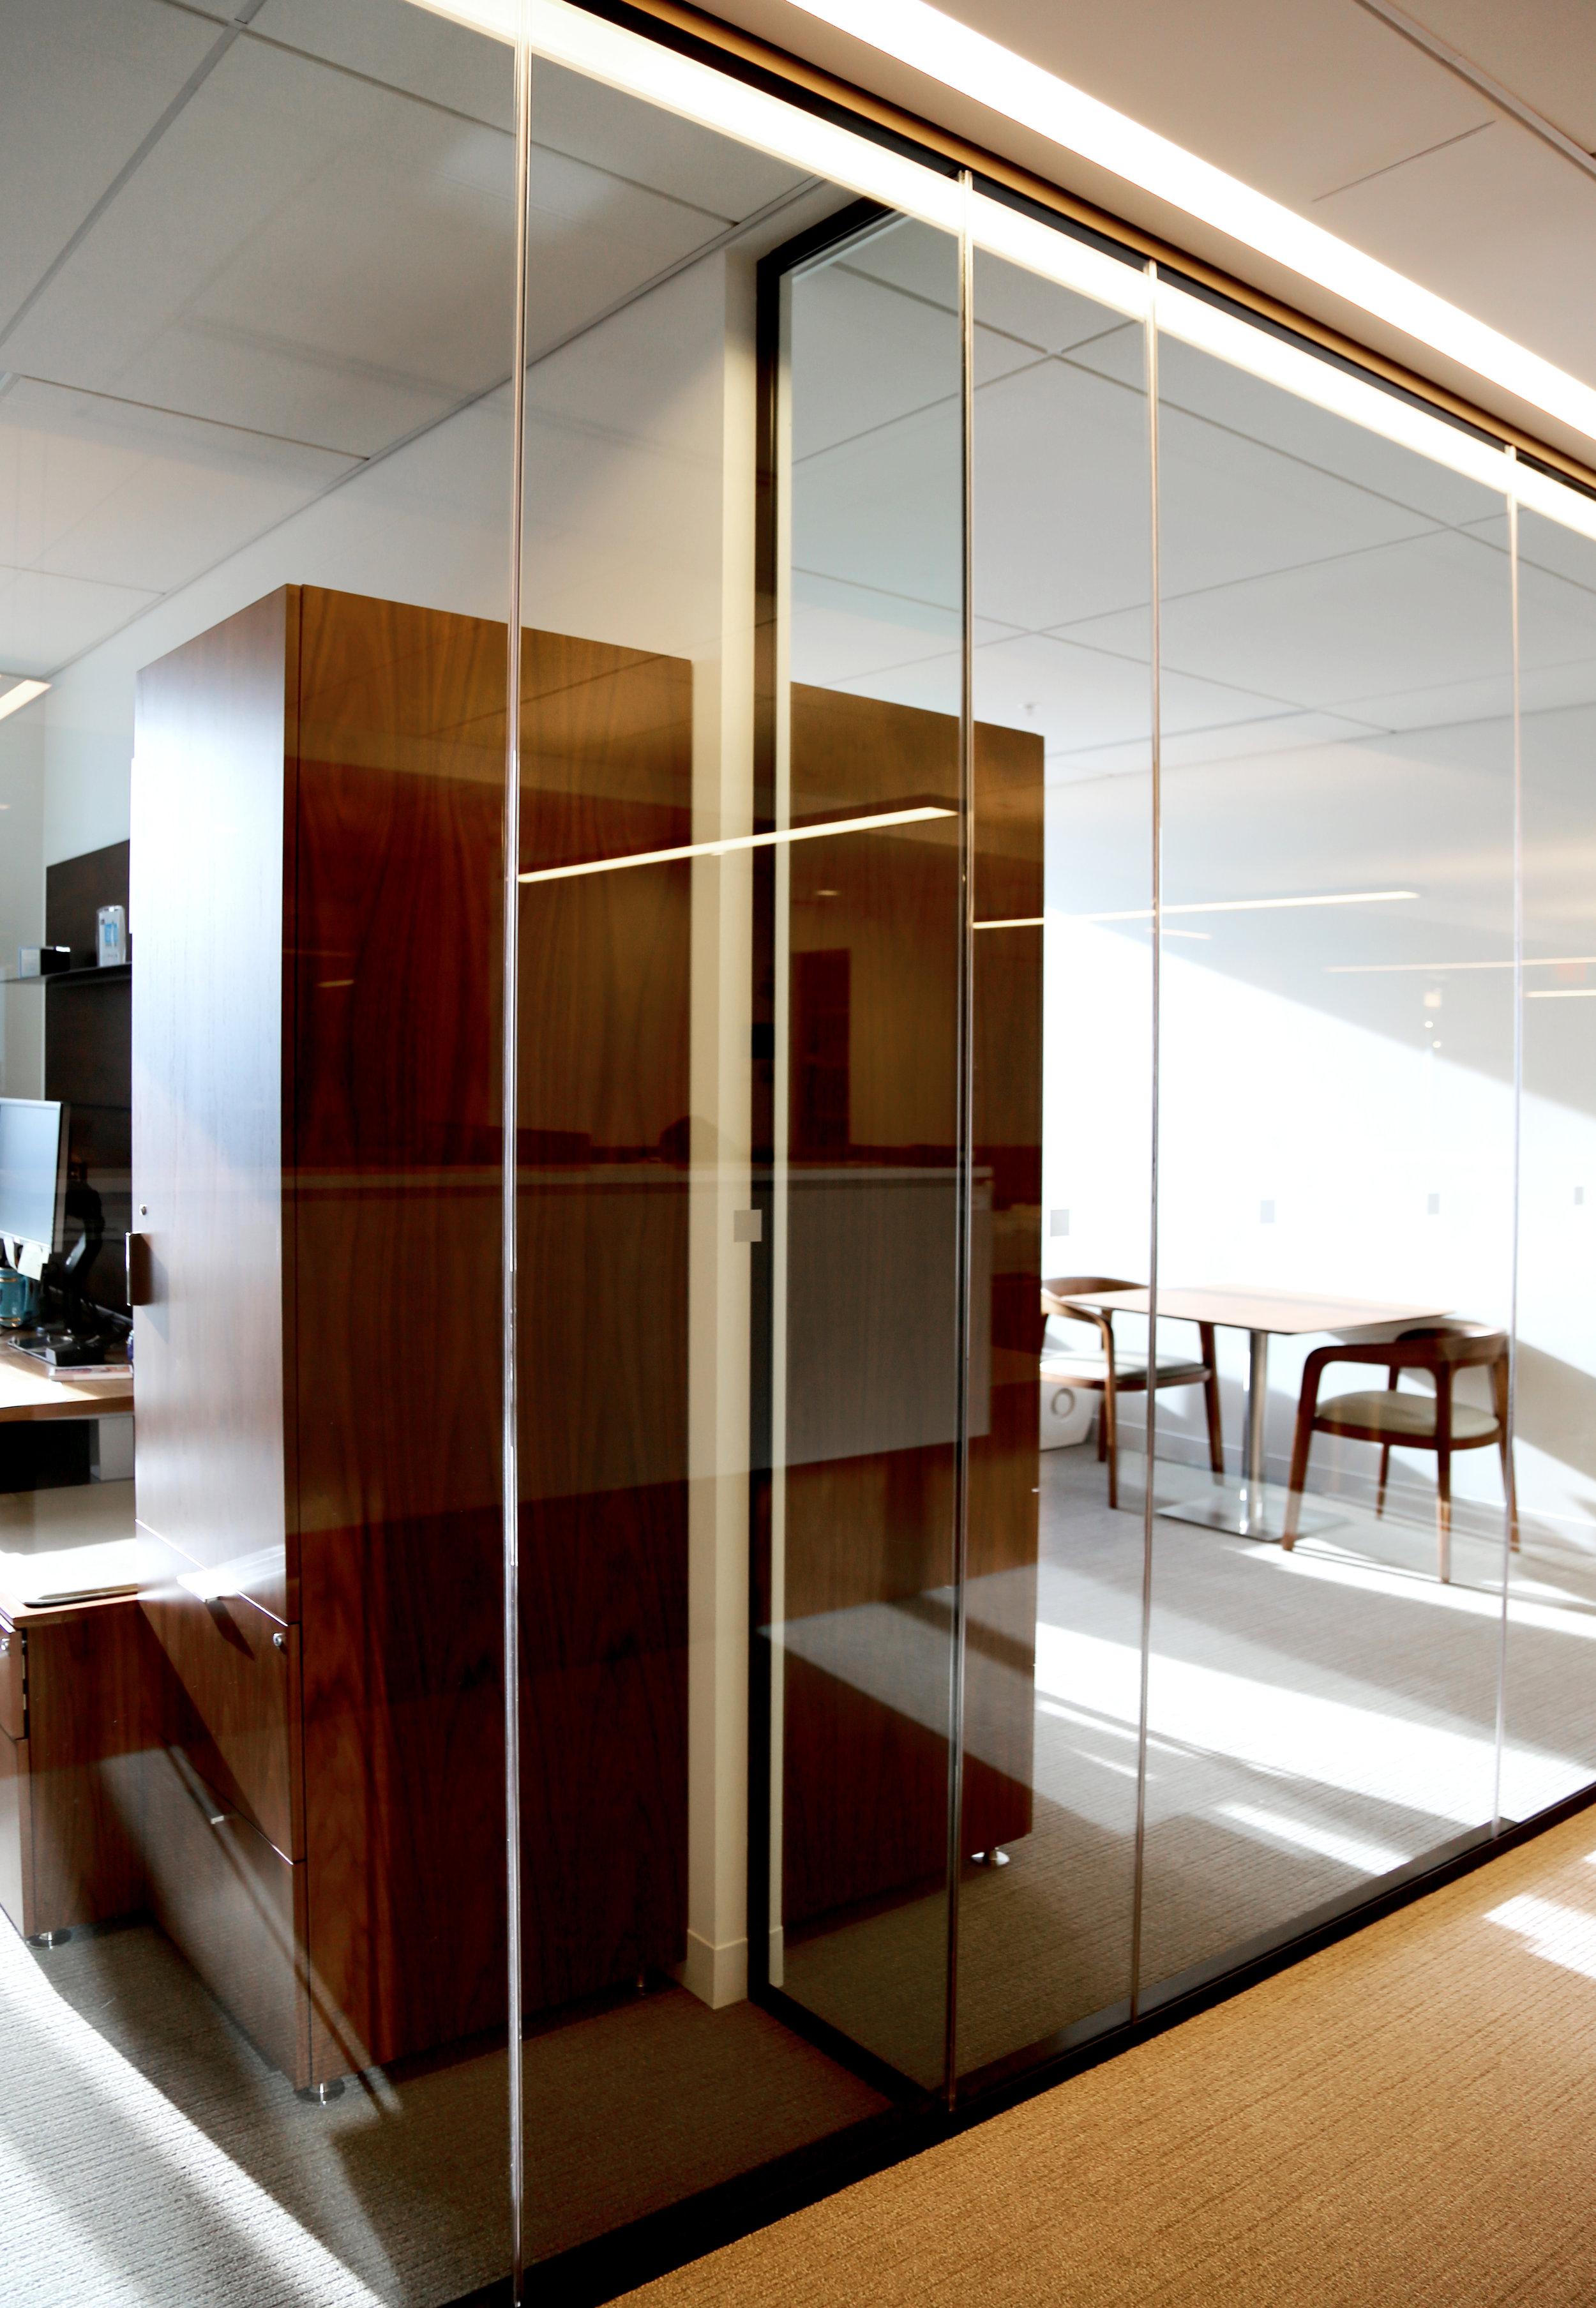 Modernus Glass Sidelites Glass Return Butt Glazed - Spaceworks AI.jpg